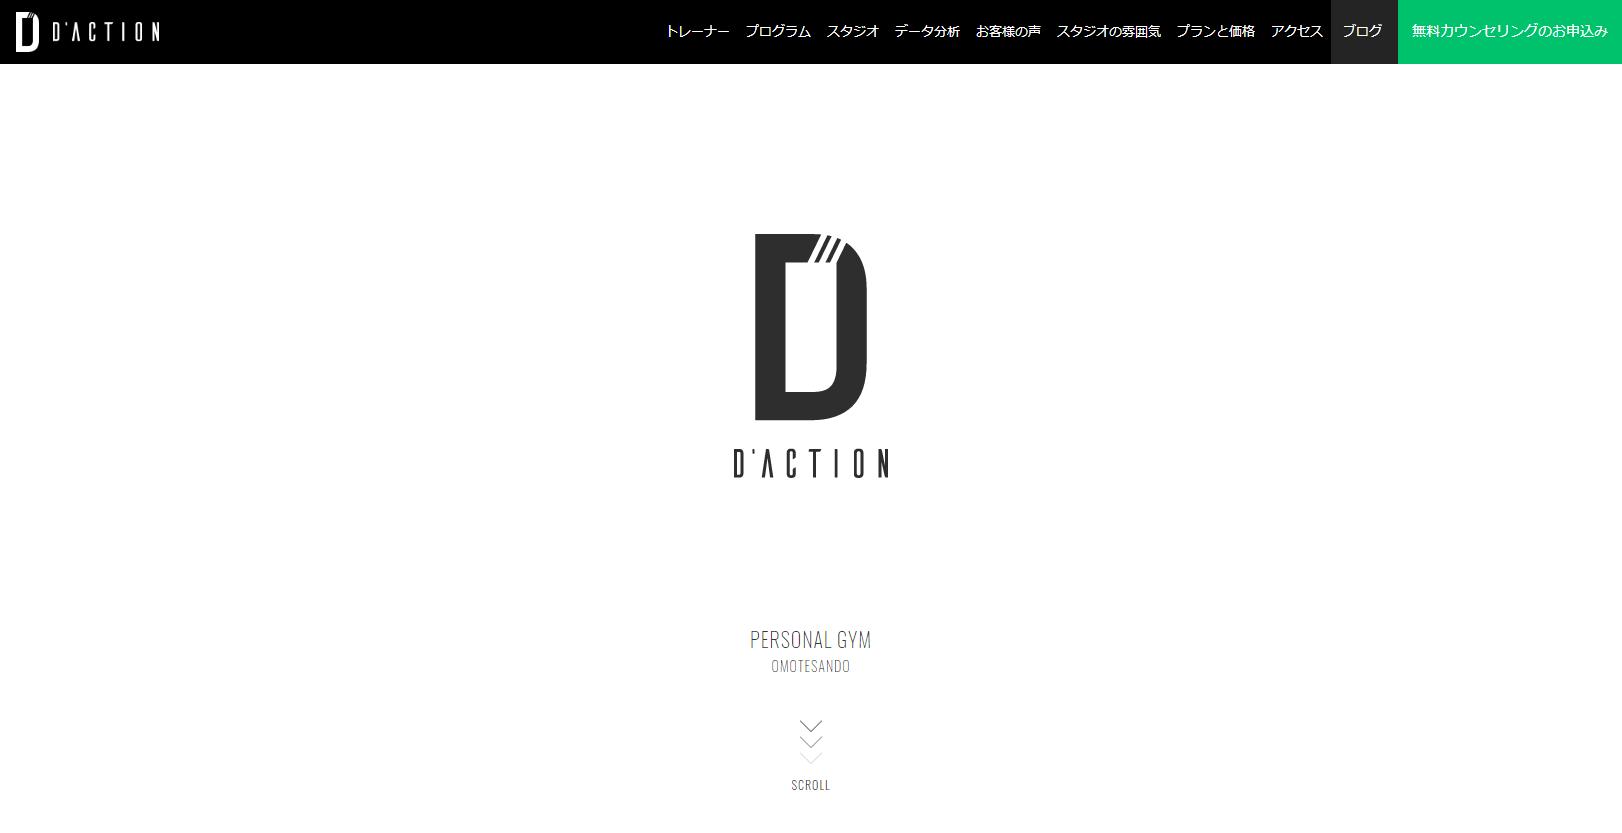 表参道エリアでおすすめのパーソナルトレーニングジム「D'ACTION(ディーアクション)」